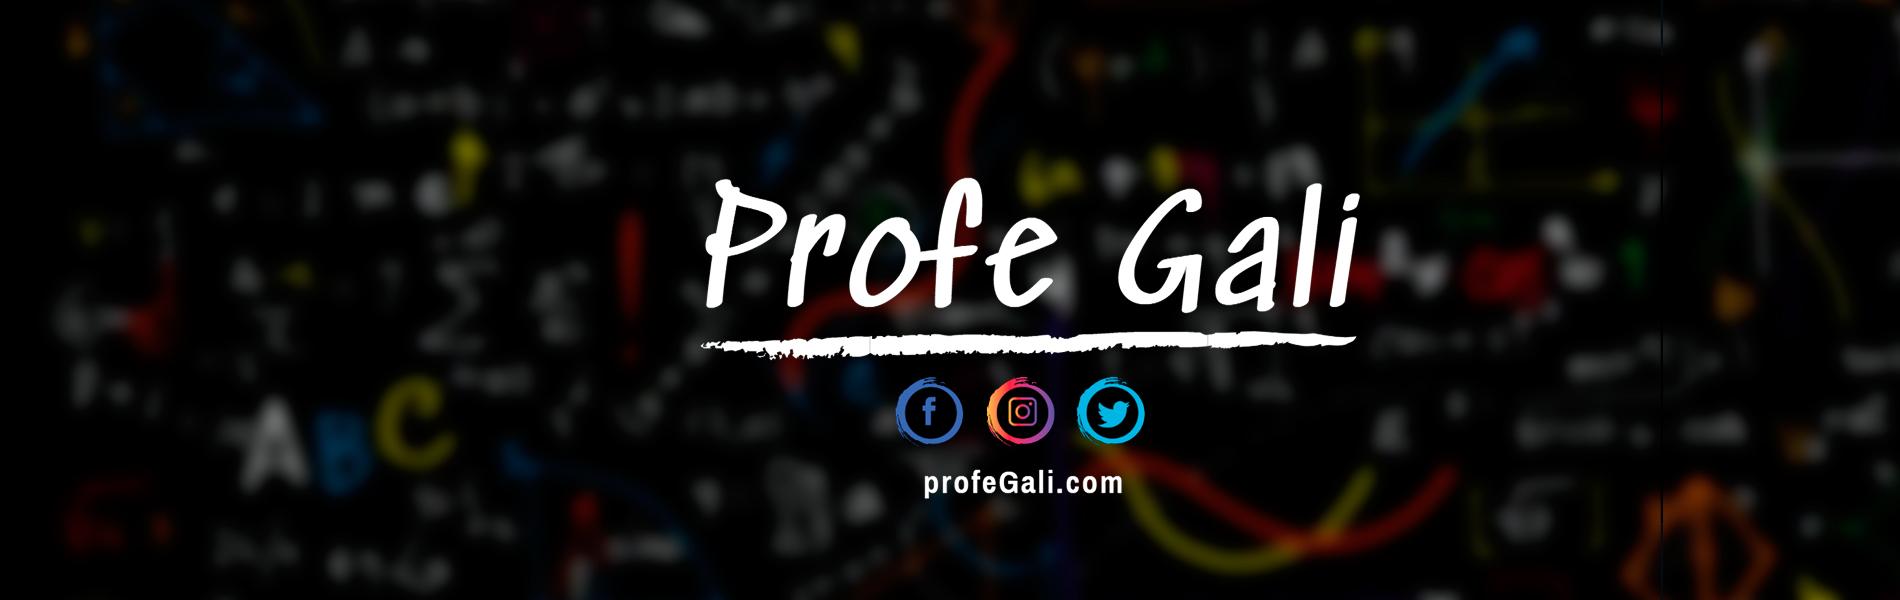 ProfeGali.com